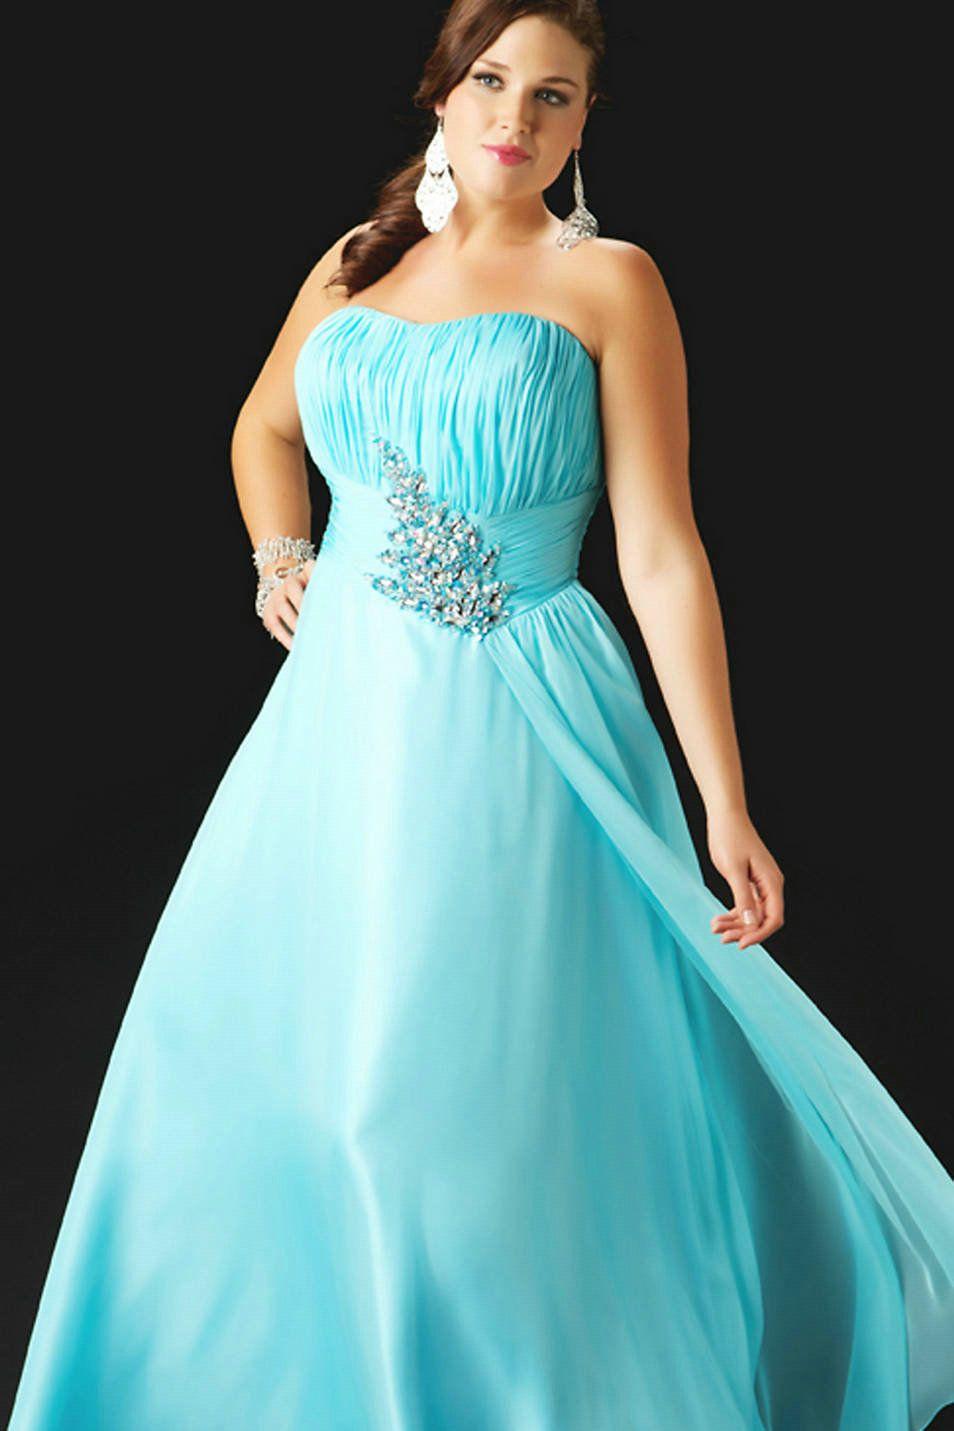 plus size evening dresses 29 #plus #plussize #curvy | Plus Size ...